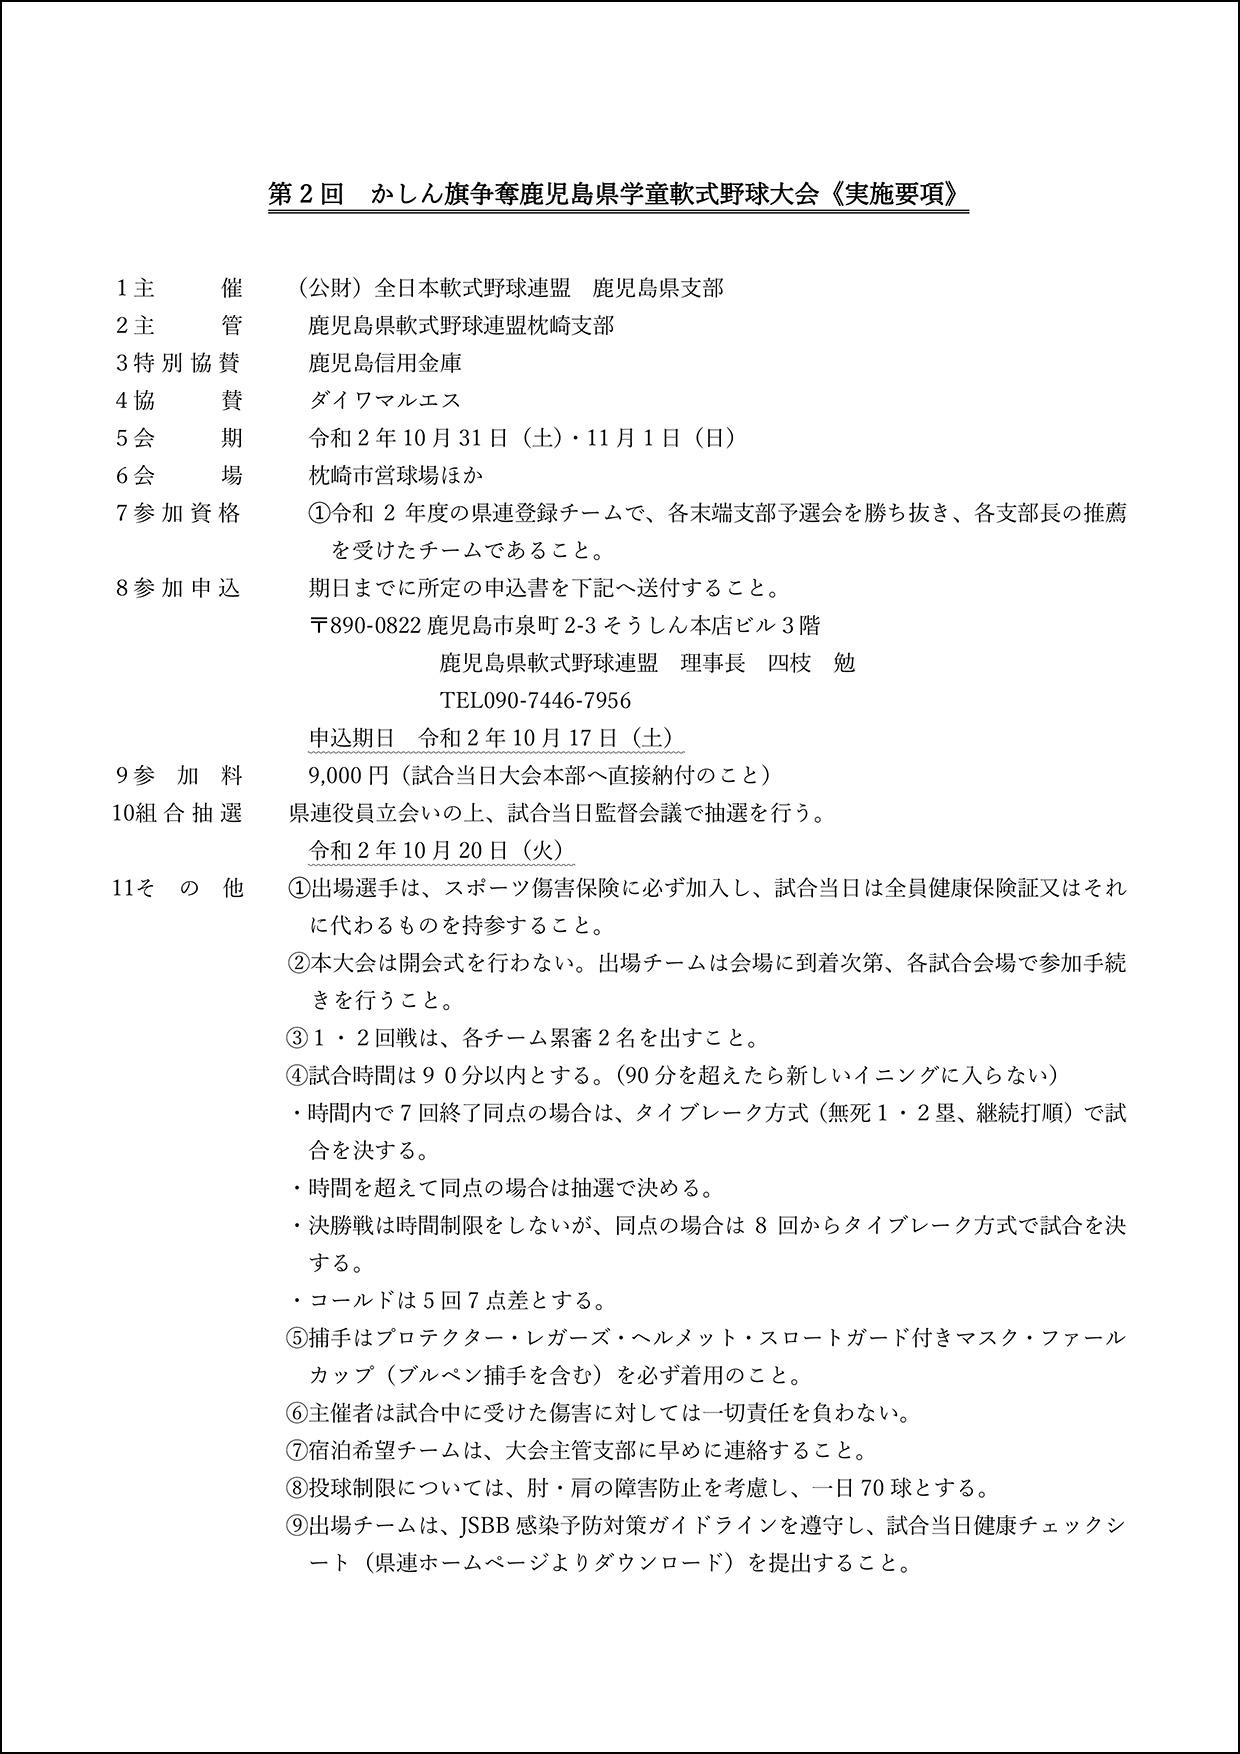 【実施要項】第2回かしん旗争奪鹿児島県学童軟式野球大会